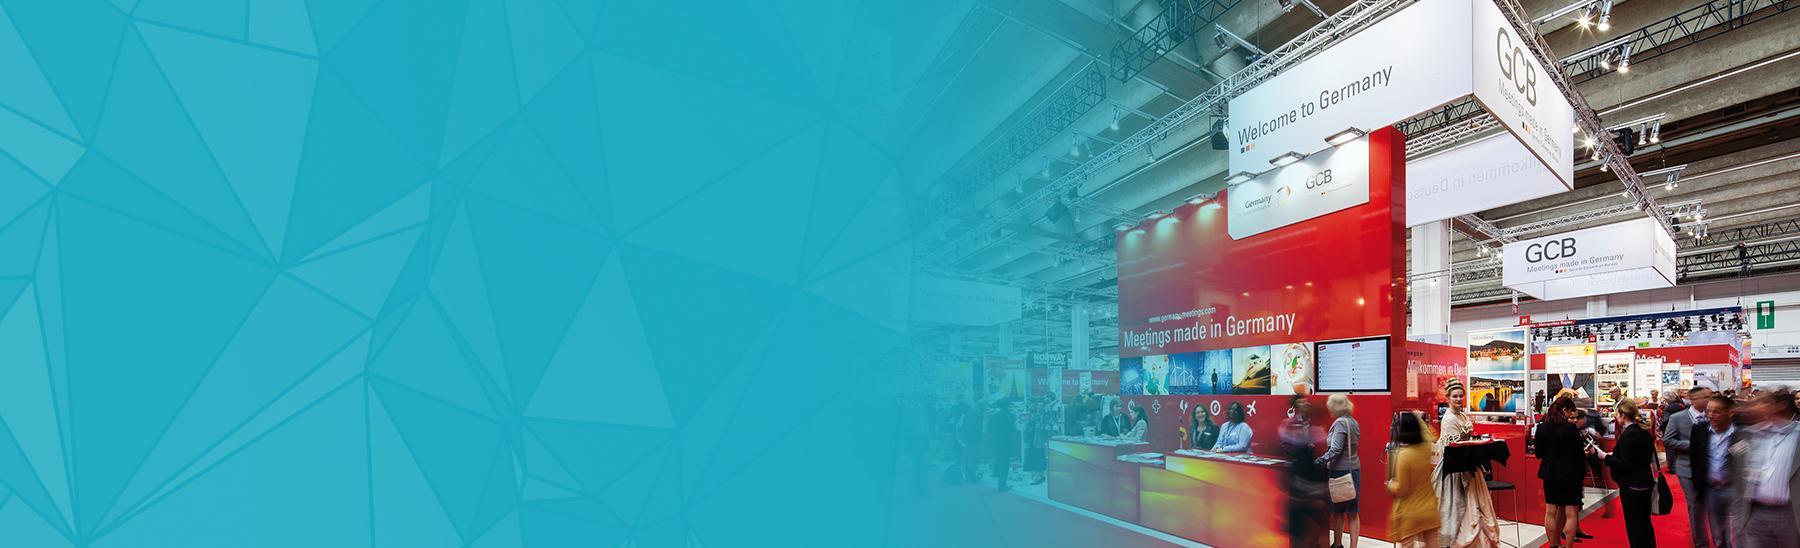 Key-Visual ibtm world 2019